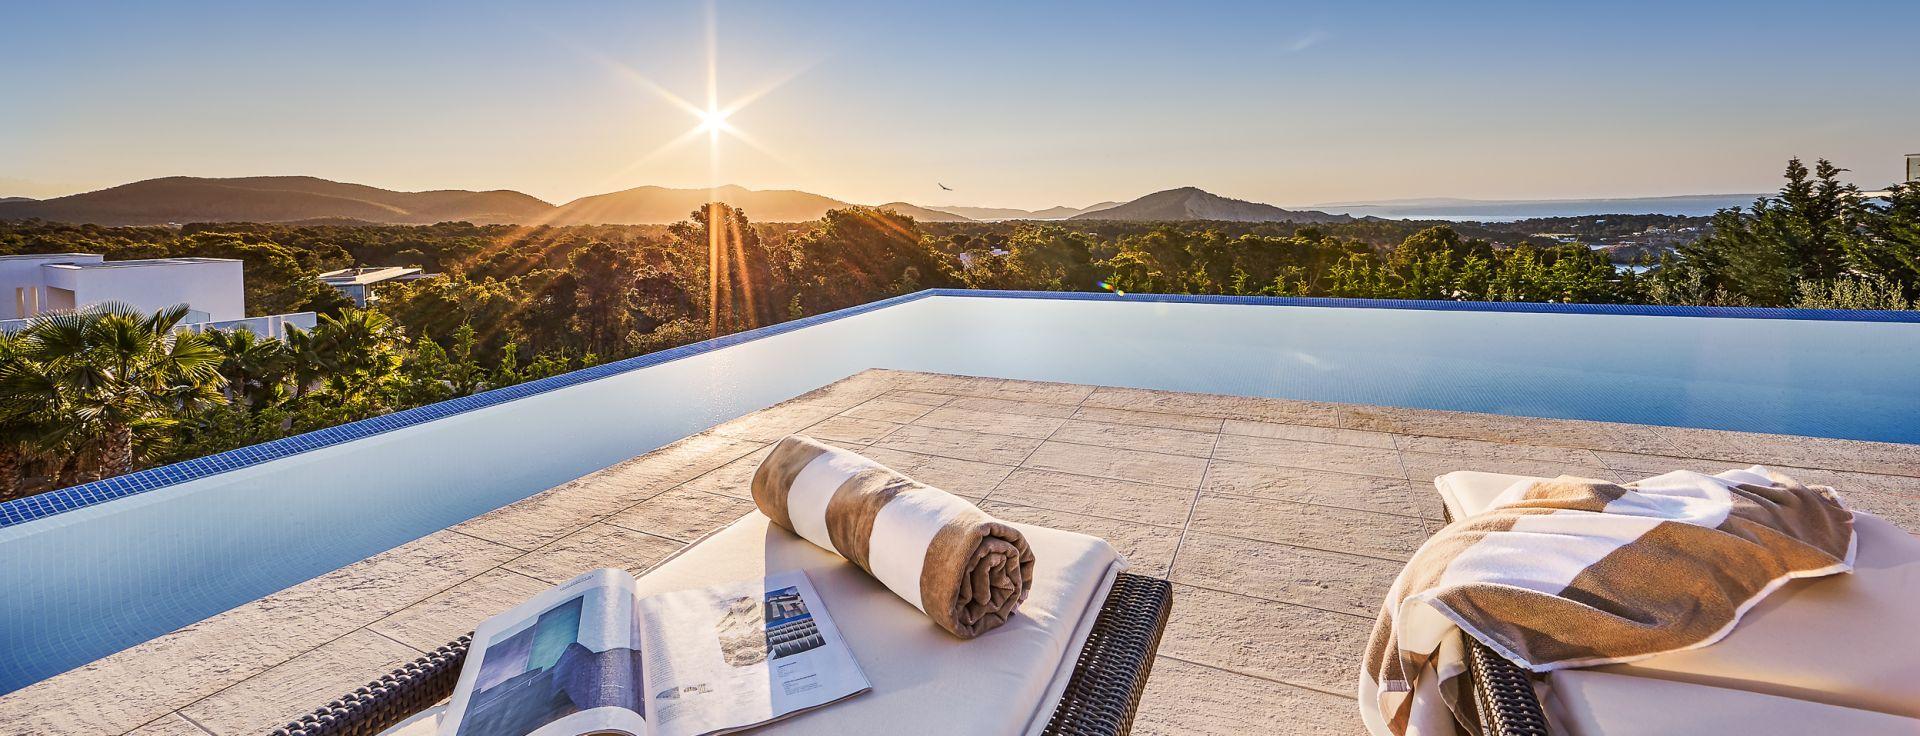 Architekt Jan Wichers Designer-Villa | home sweet home | Pinterest